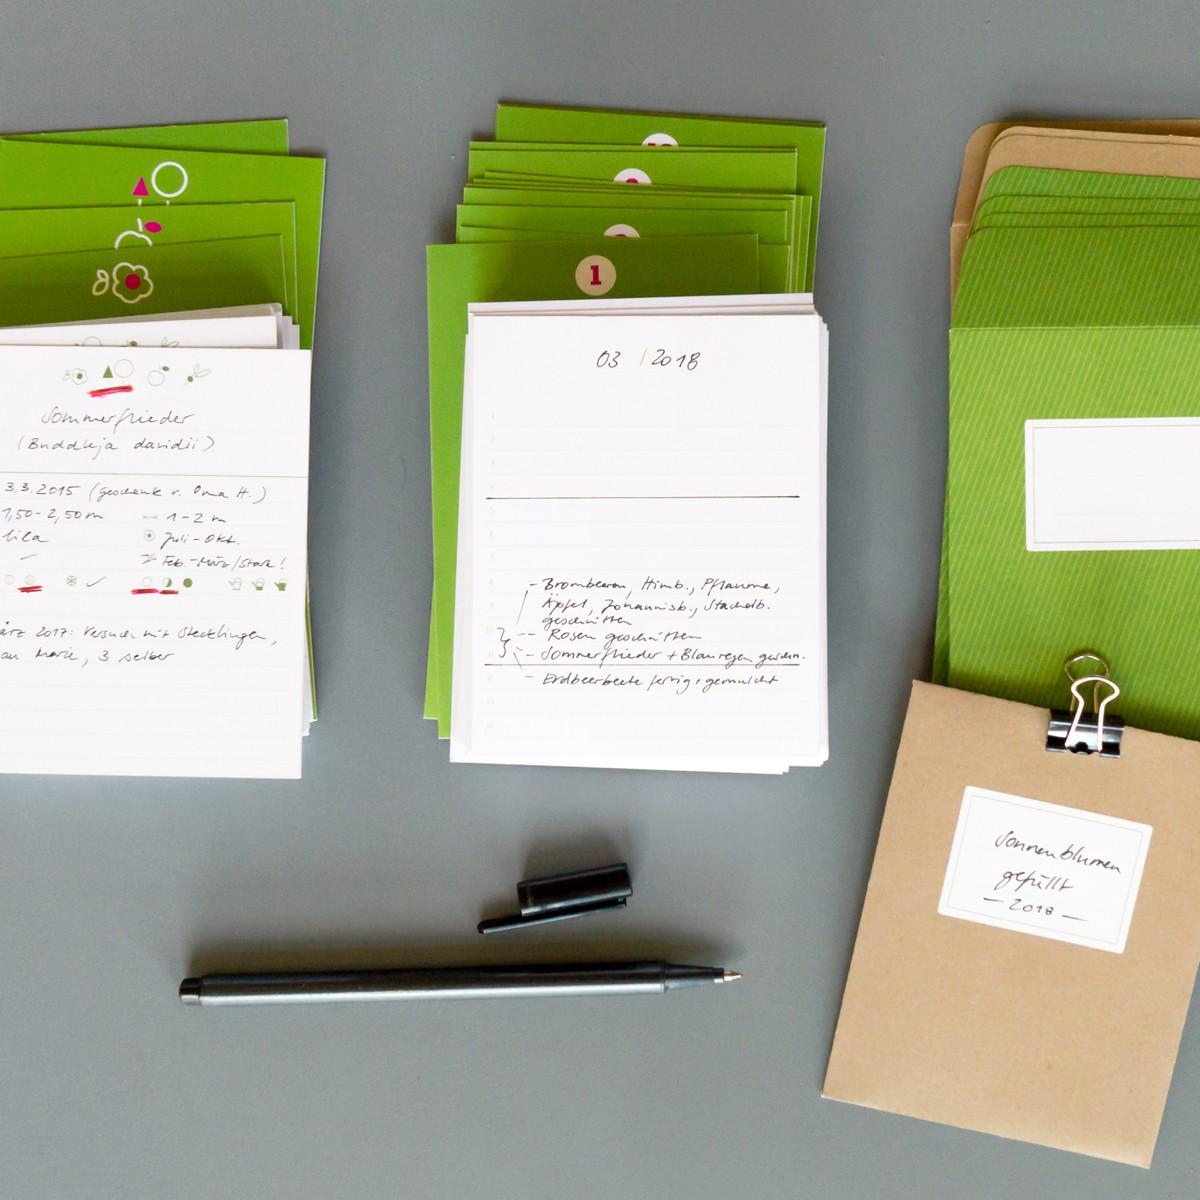 sperlingB _ Gartenbox mit Etikettenrahmen, apfelgrün, Gartentagebuch, Pflanzensammlung, Samentüten